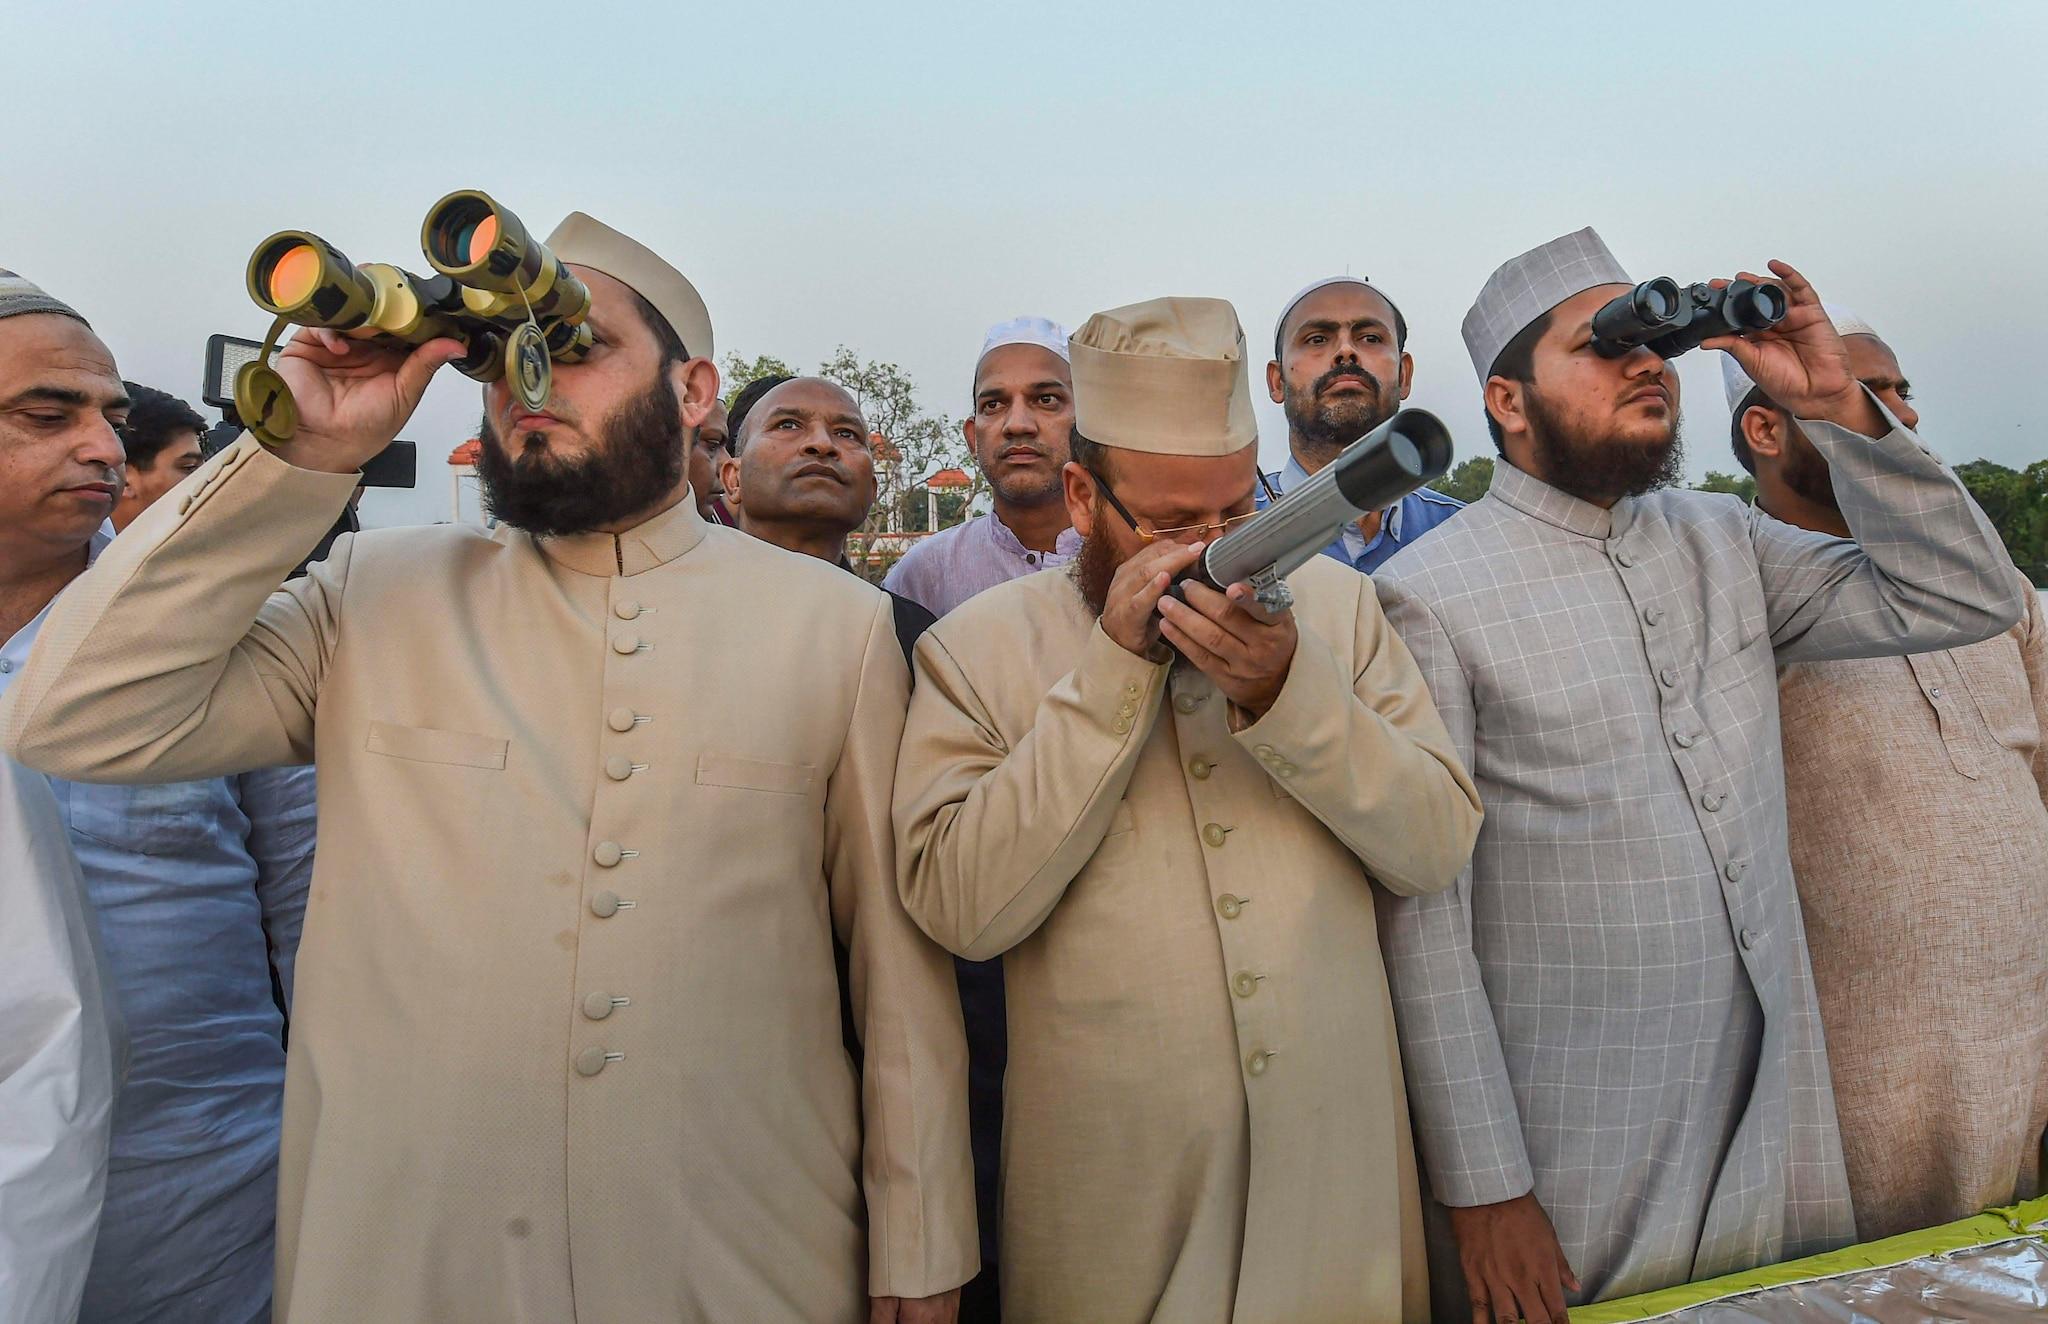 ரம்ஜான் பிரார்த்தனையில் லக்னோவில் உள்ள இஸ்லாமியர்கள்.